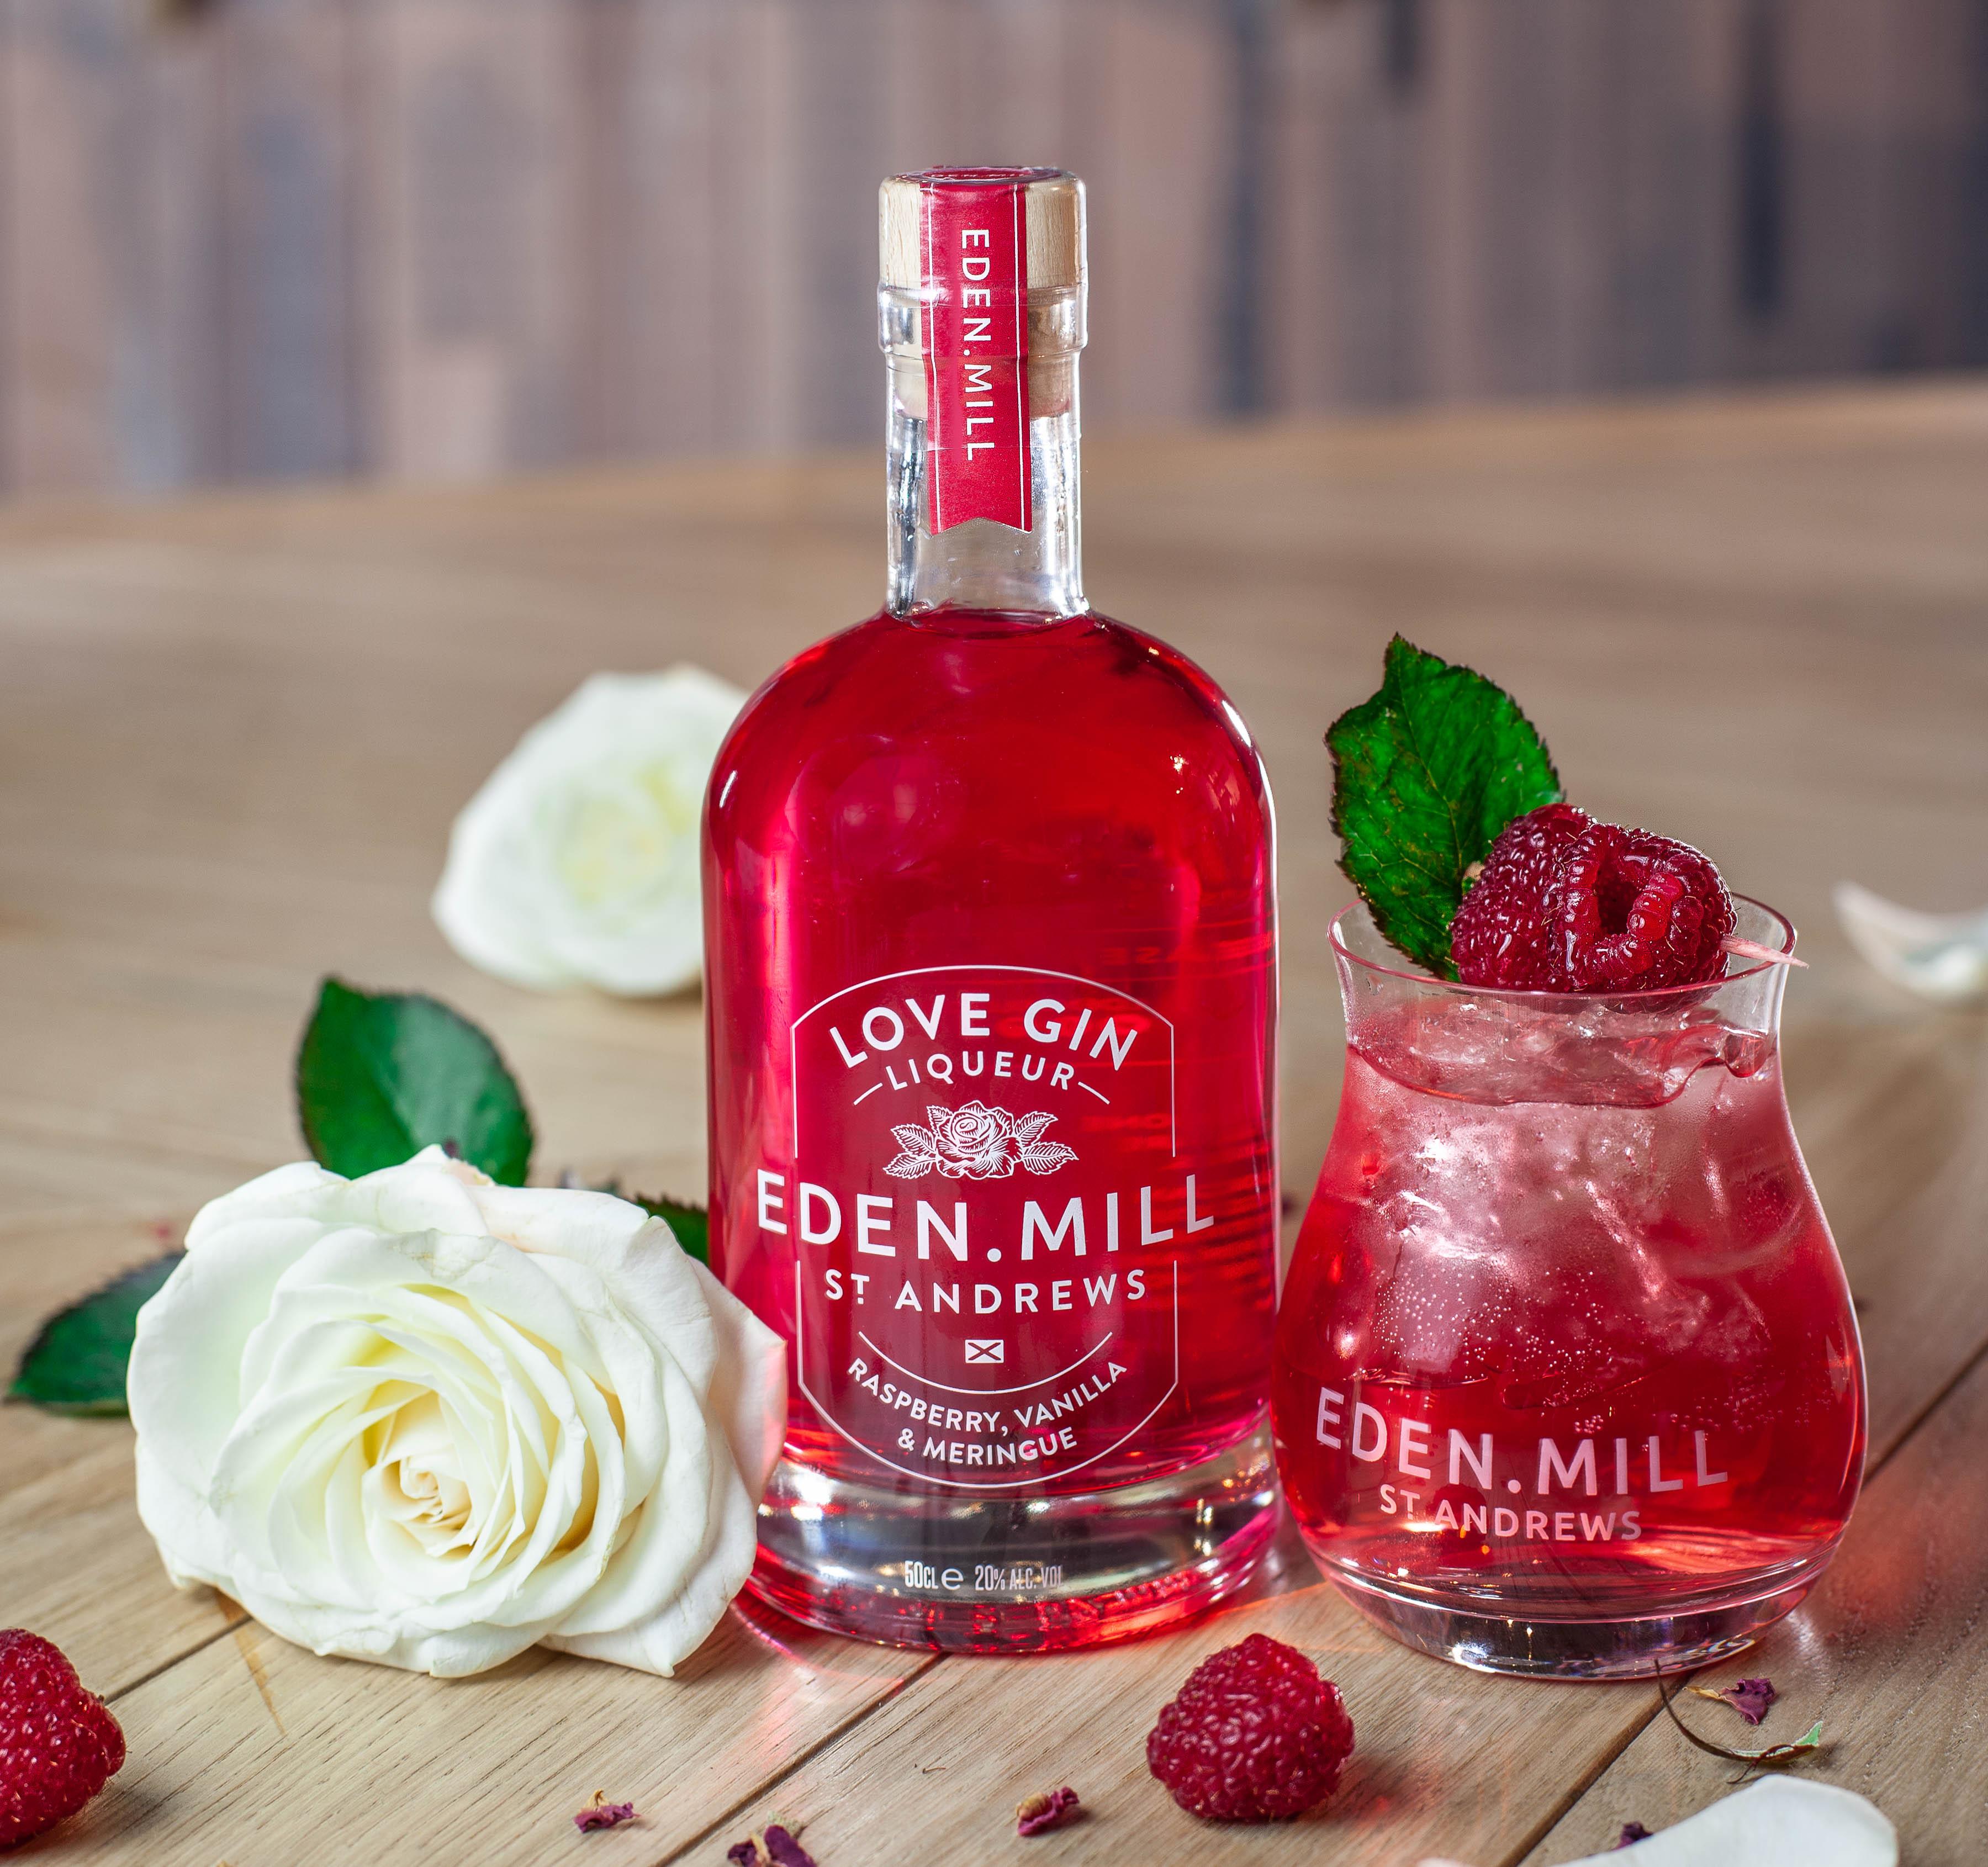 Eden Mill